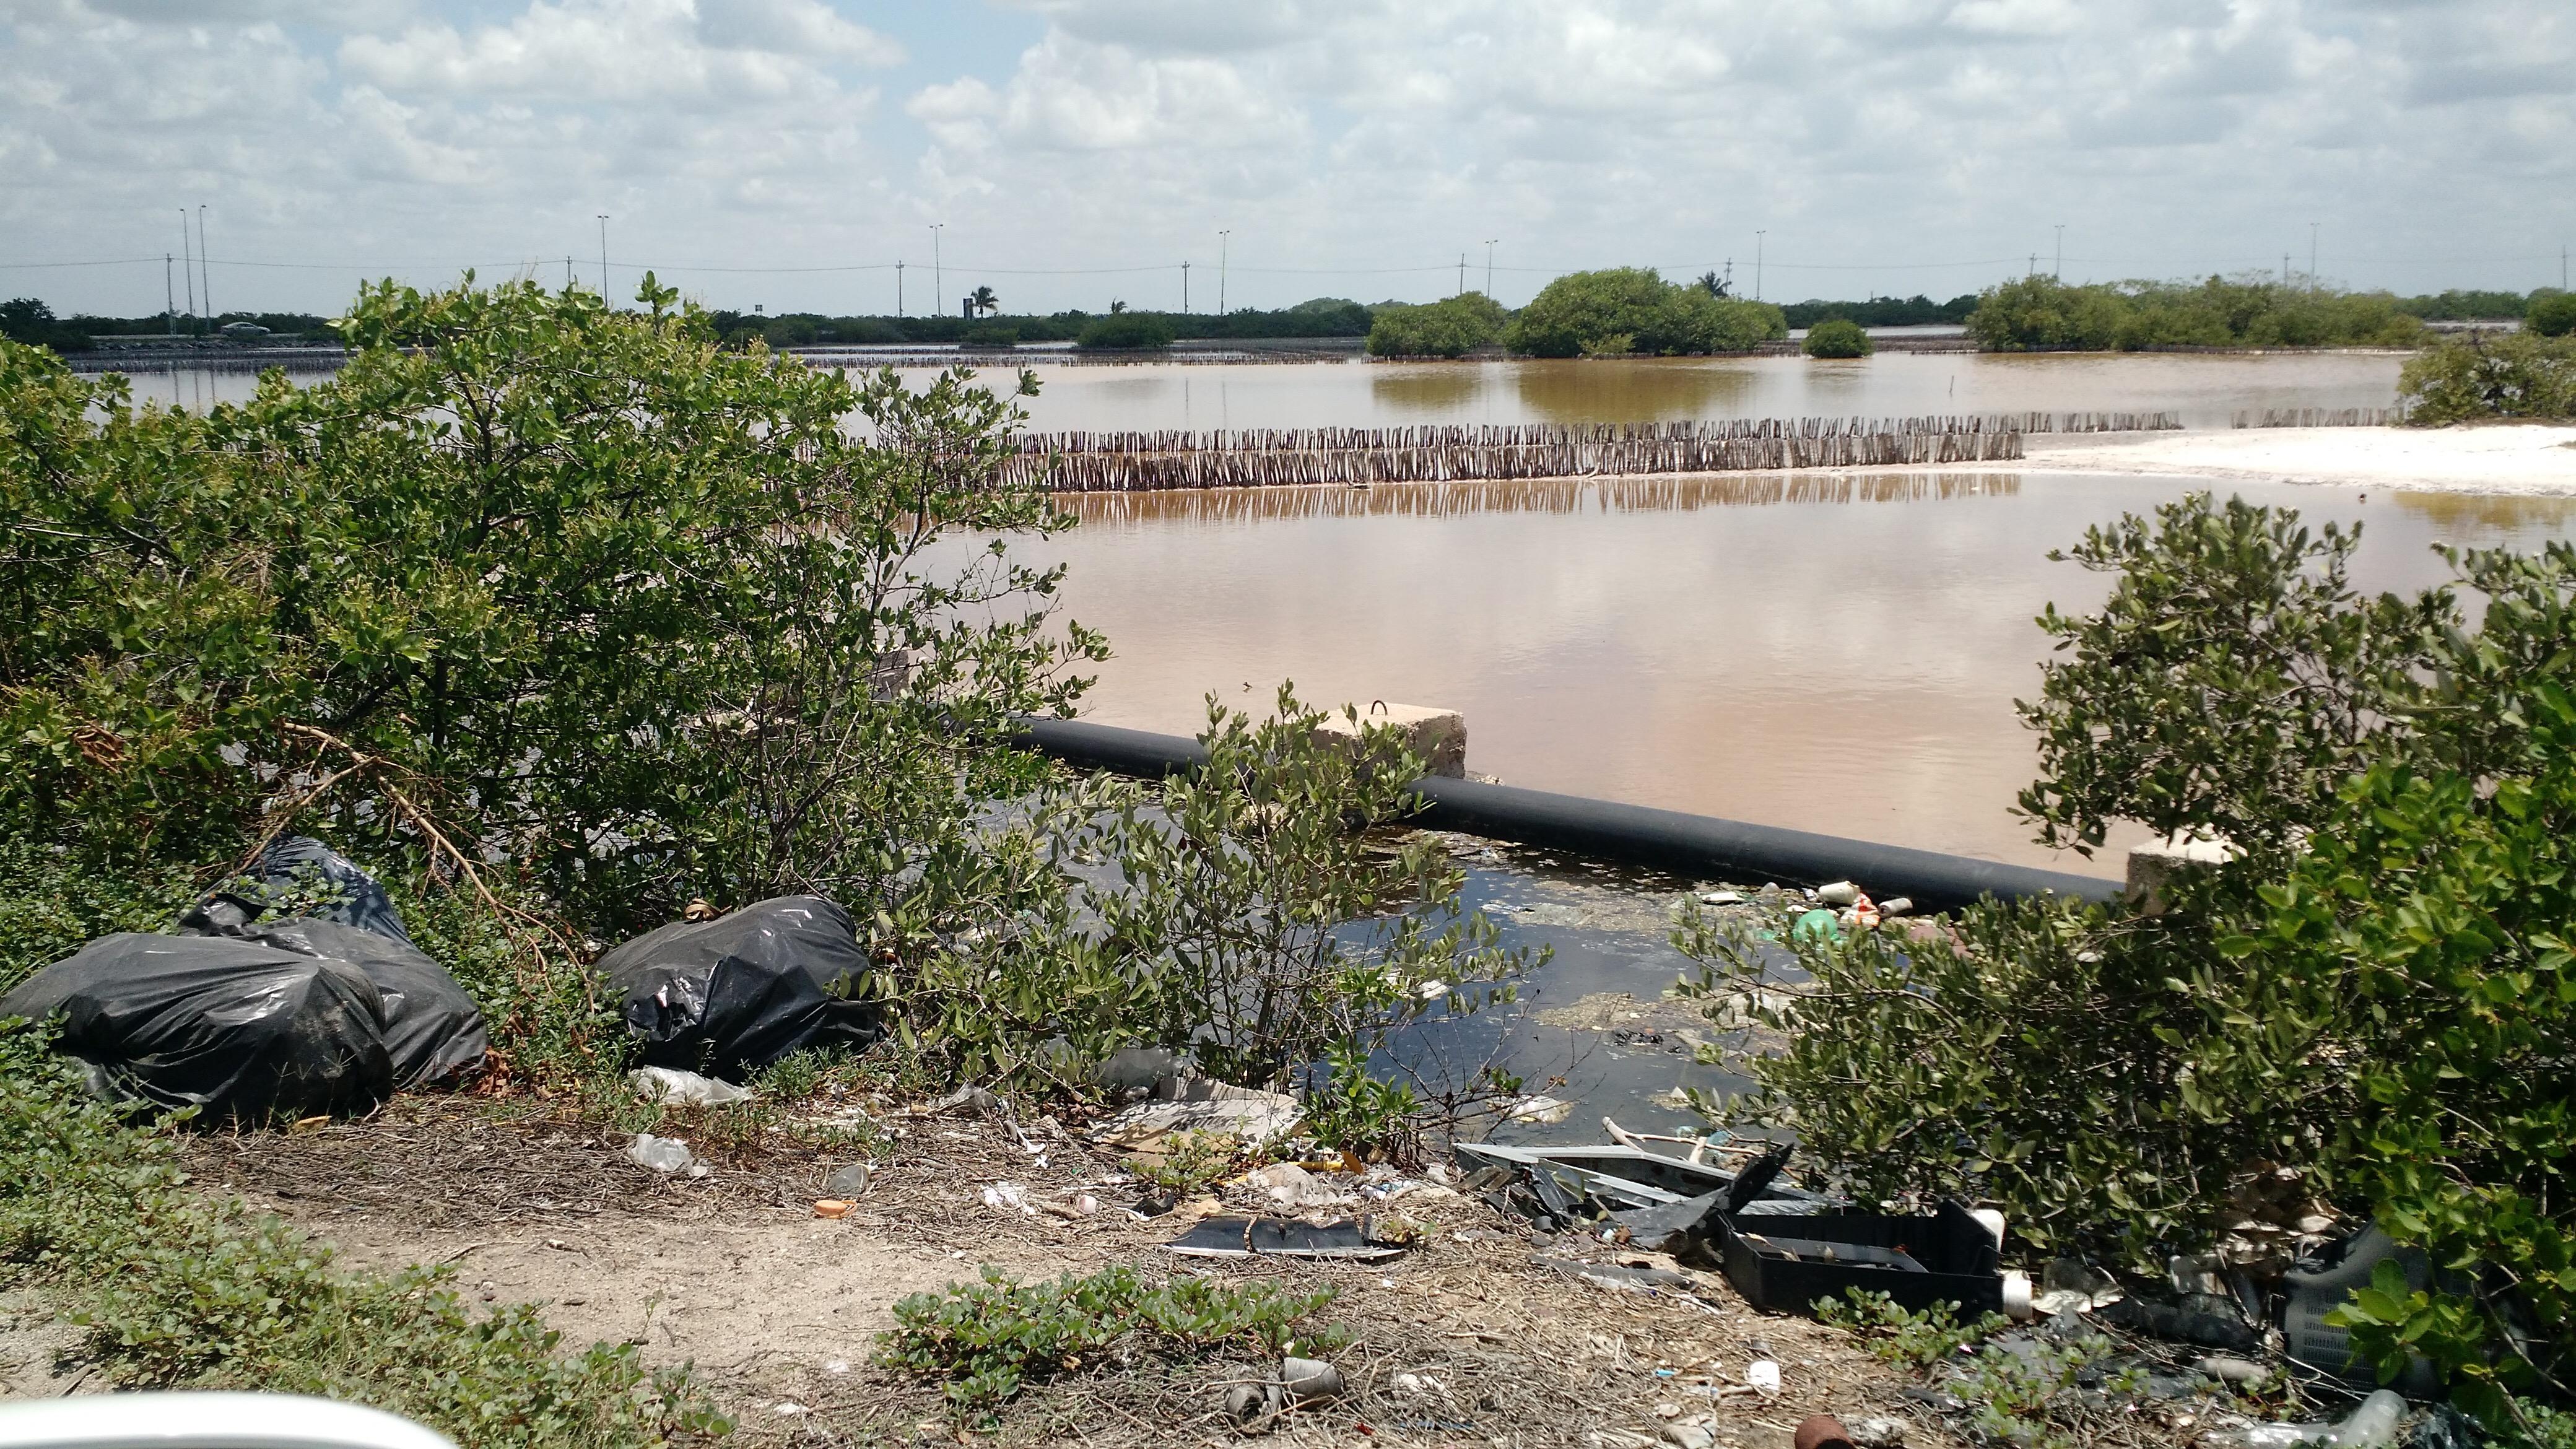 Inmerso Chicxulub Puerto en basura y pestilencia